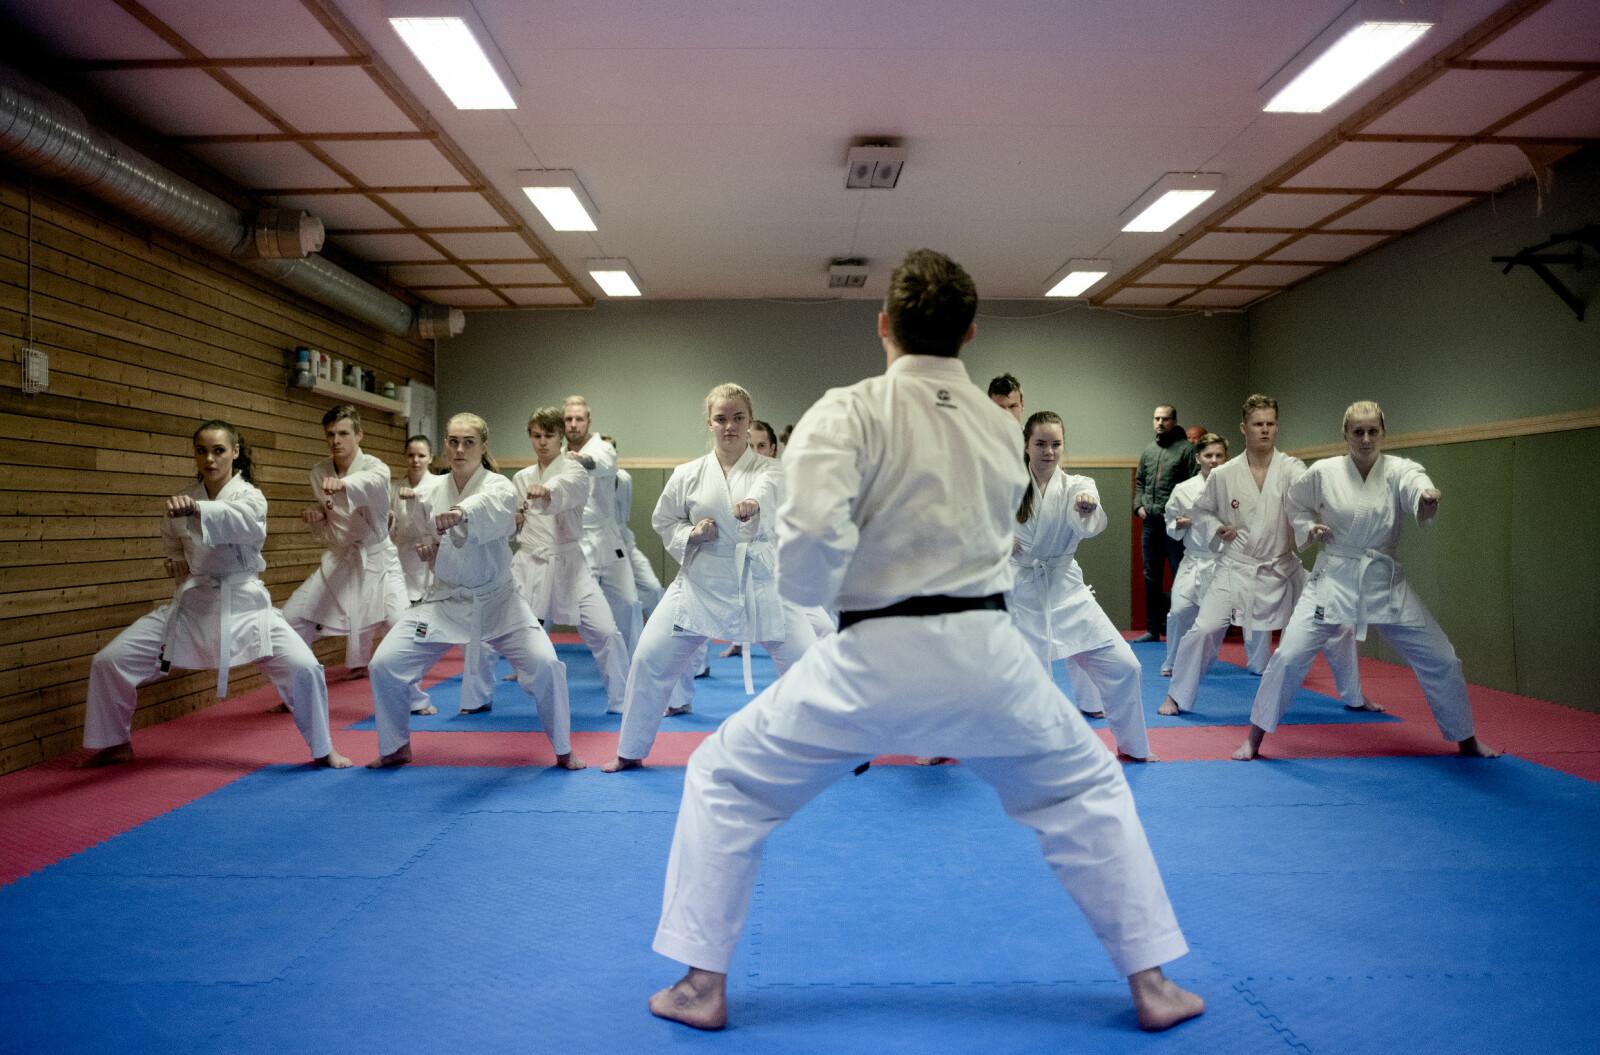 Førsteårs- og bahcelorstudentar i idrettsvitskap har karatetime saman. På studiet blir det lagt stor vekt på kople teori med utøvande idrett i mange ulike former. Foto: Marthe A. Vannebo